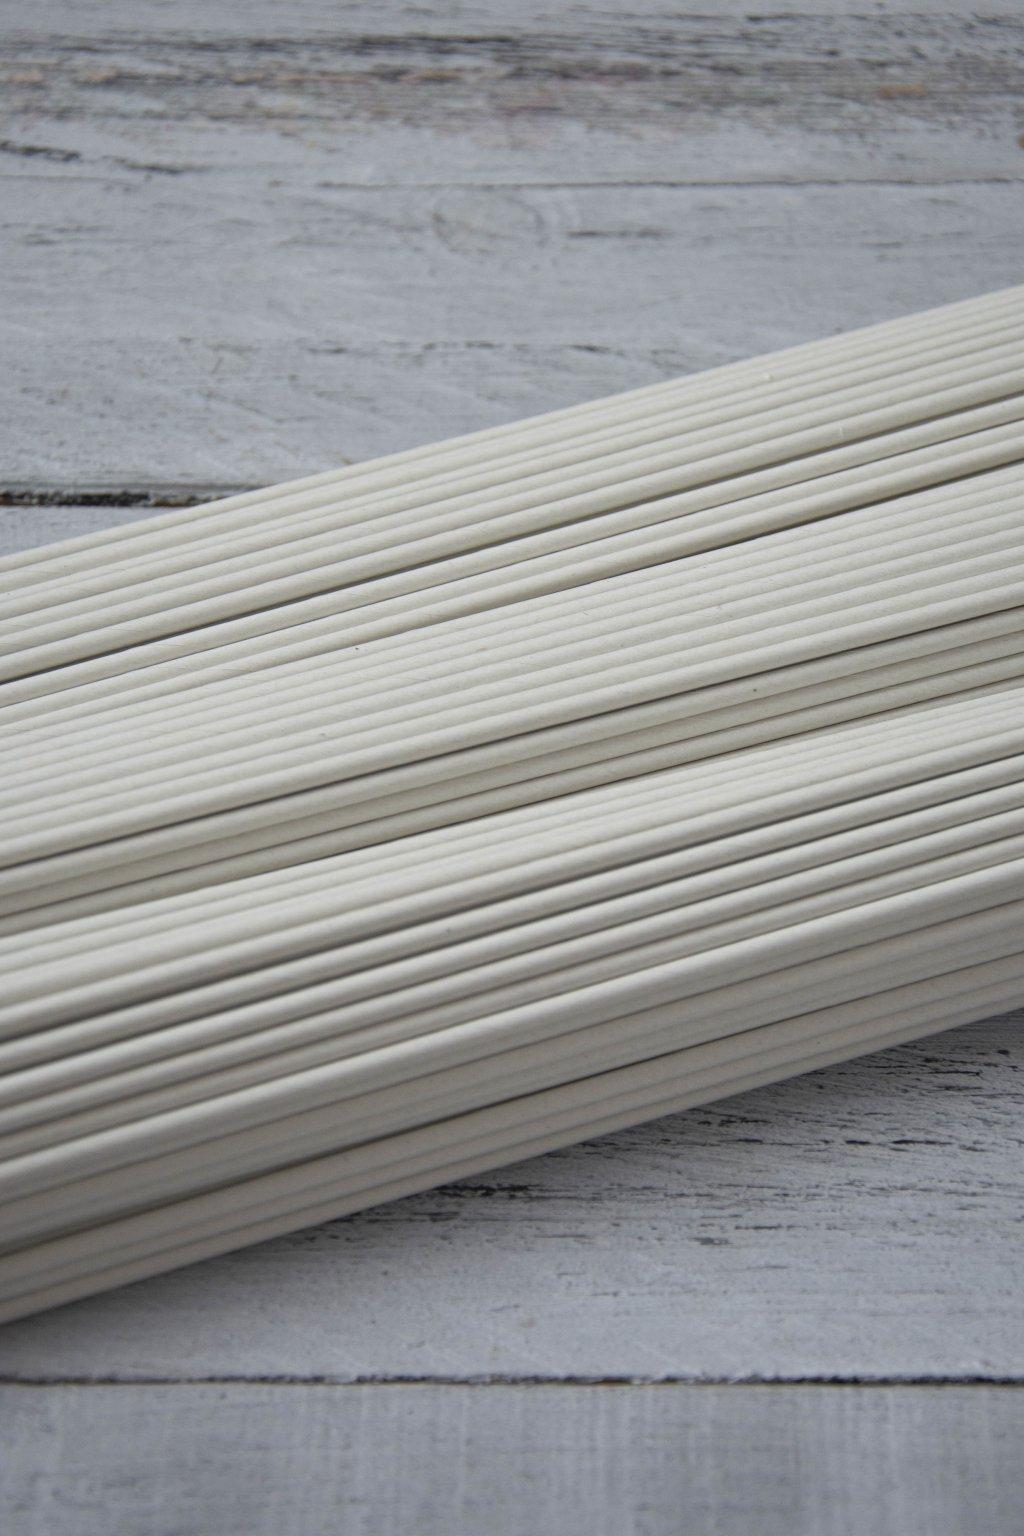 Papírové ruličky z papíru Havana, dlouhé 31 cm, drát 1,6 mm, šíře pruhu 12,5 cm, baleno po 50 ks. Bez barvy a duvilázně.